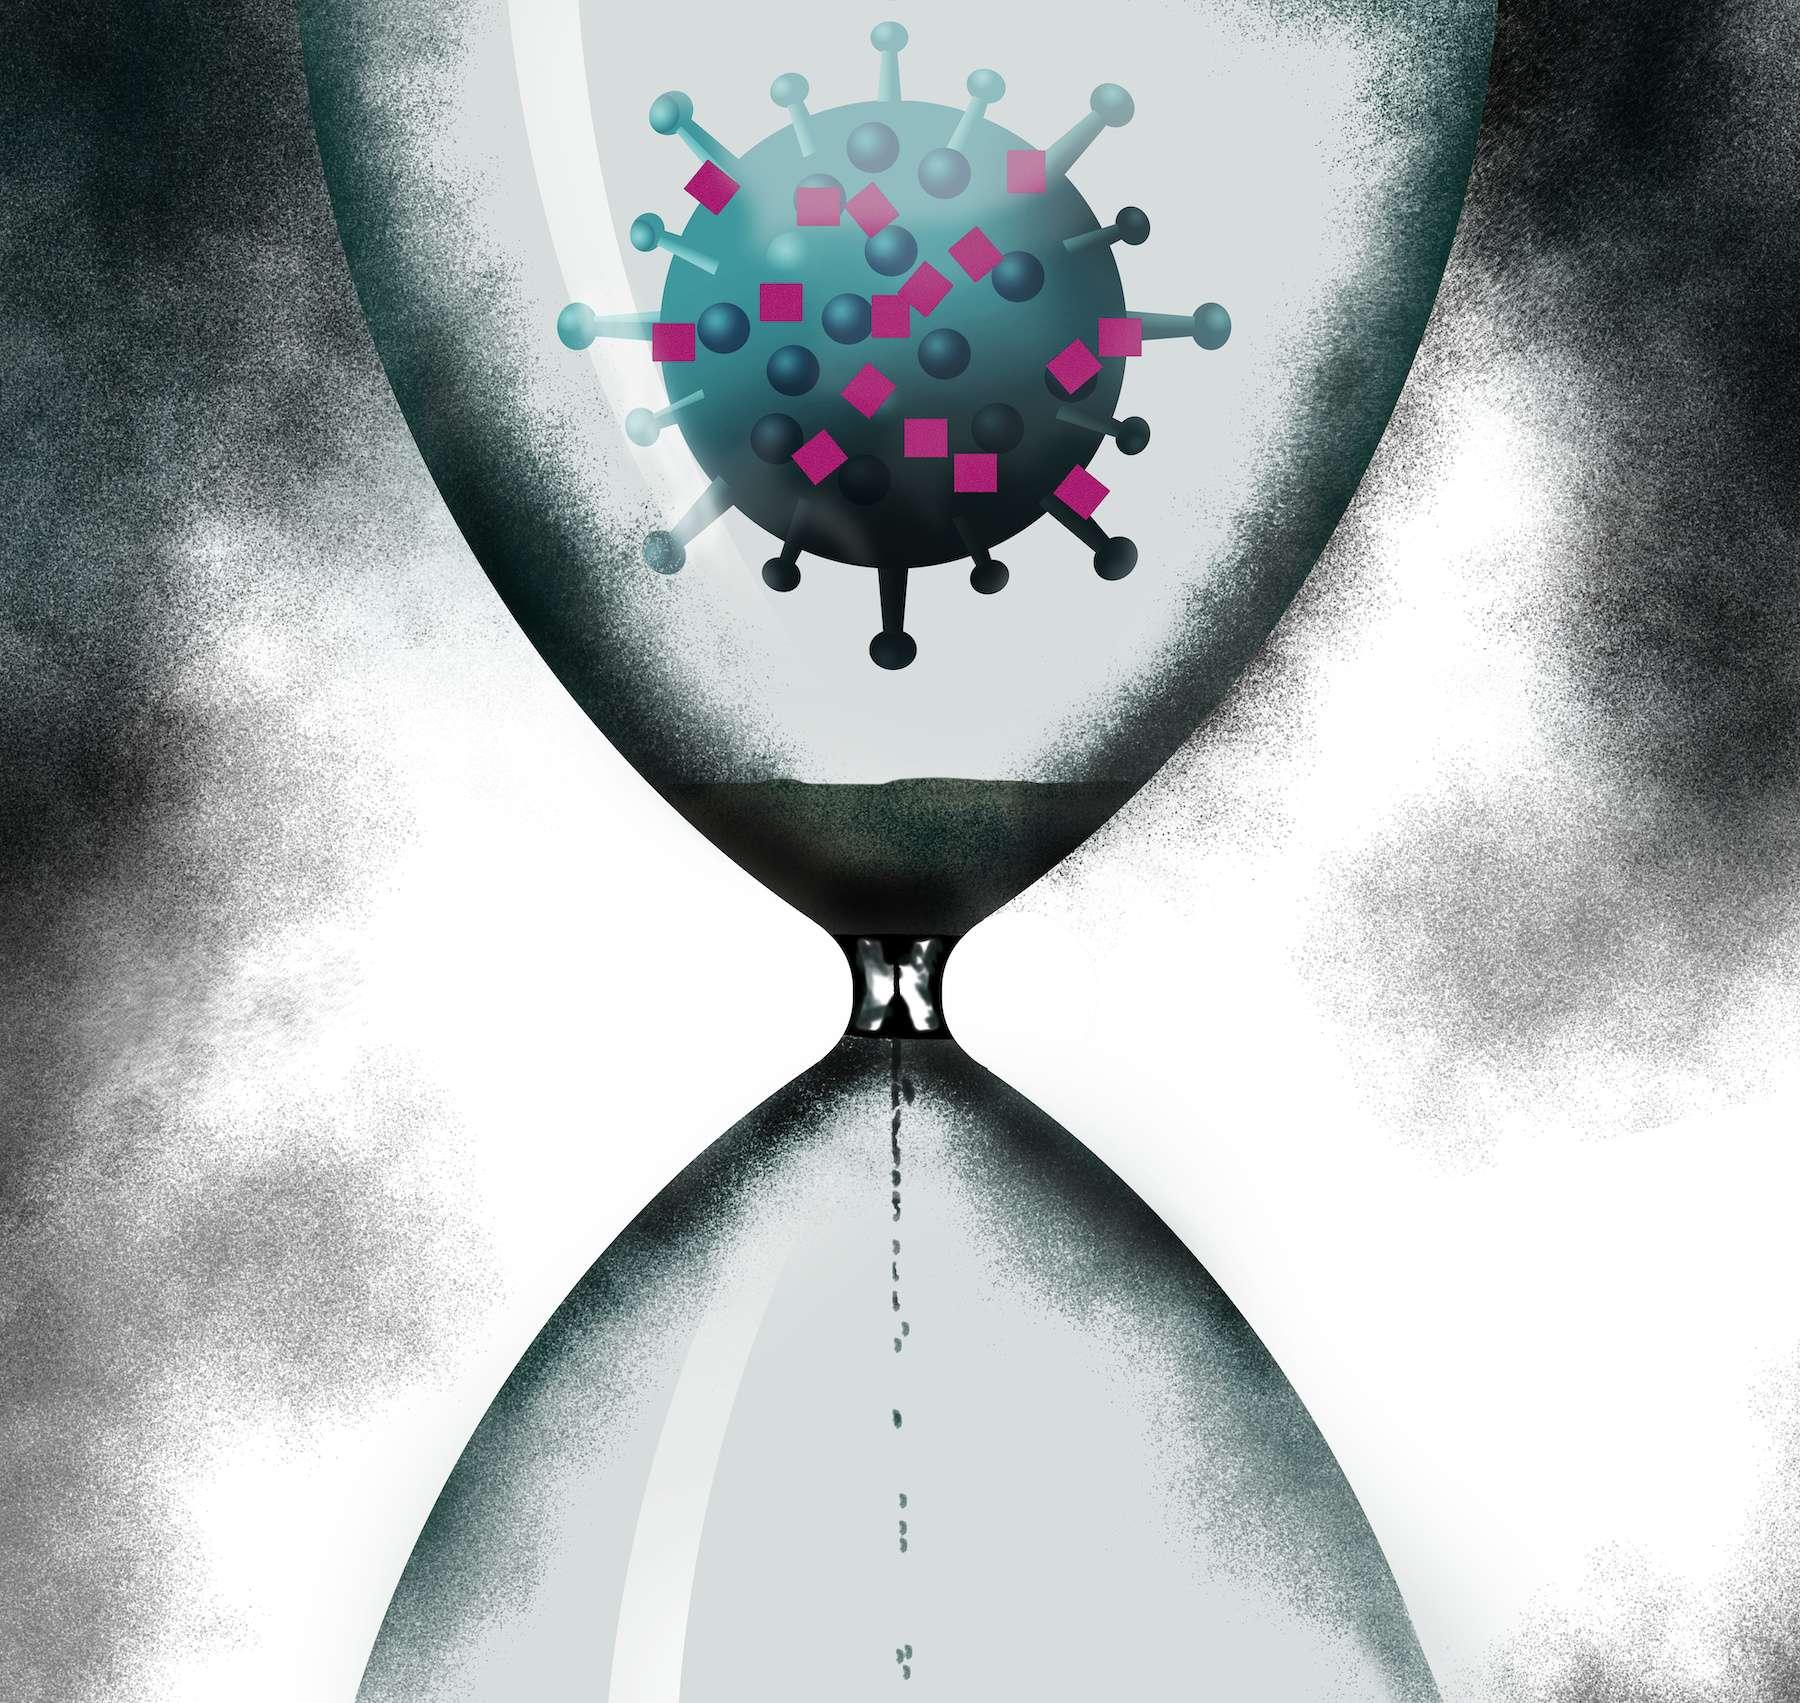 Le coronavirus n'est pas prêt de disparaître. Comment apprendre à « vivre avec » ? © Rob Goebel, Adobe Stock